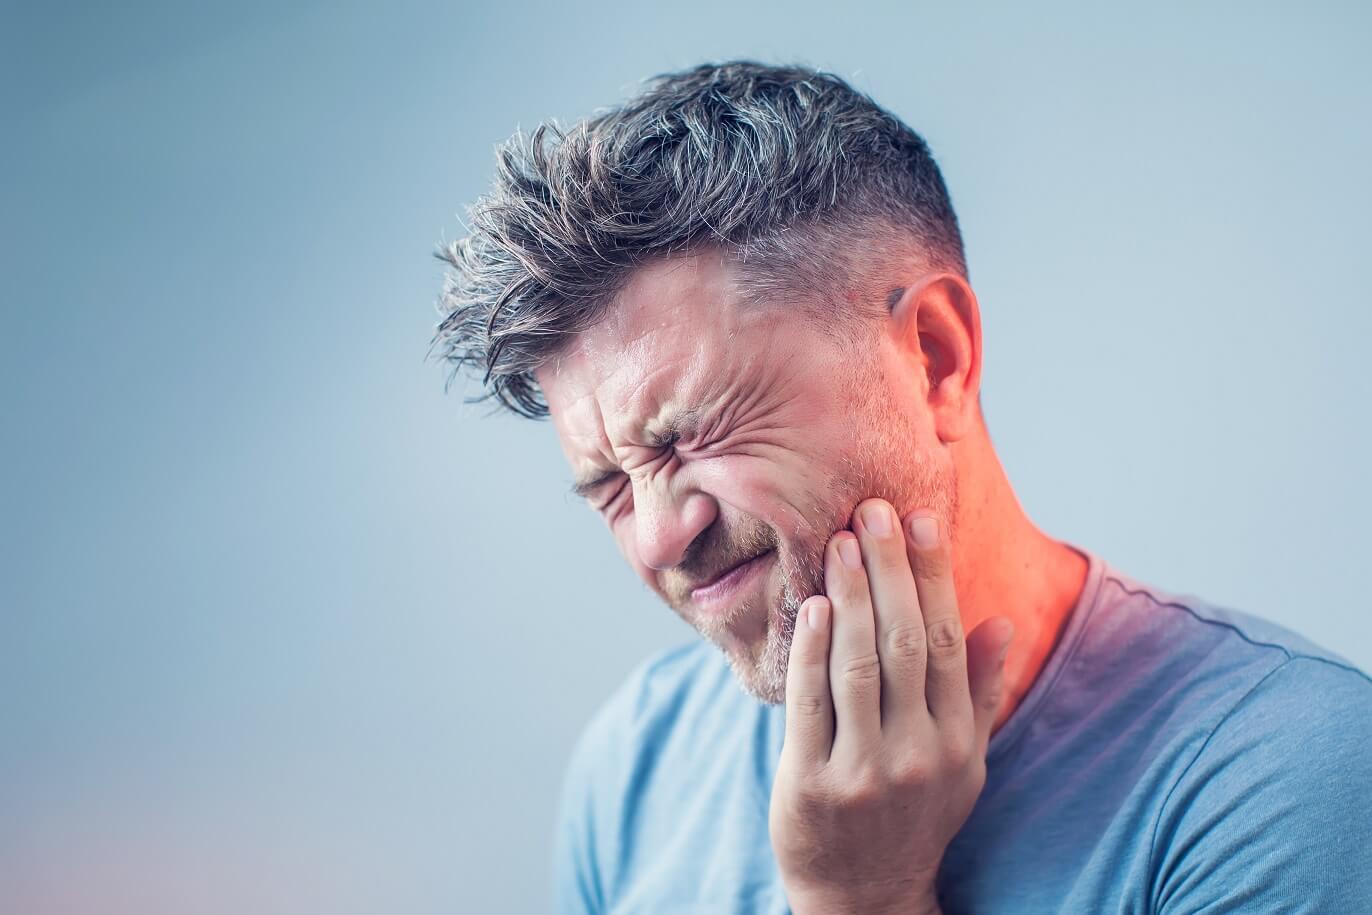 Mŕtvy zub: Príznaky, príčiny a liečba mŕtveho zubu